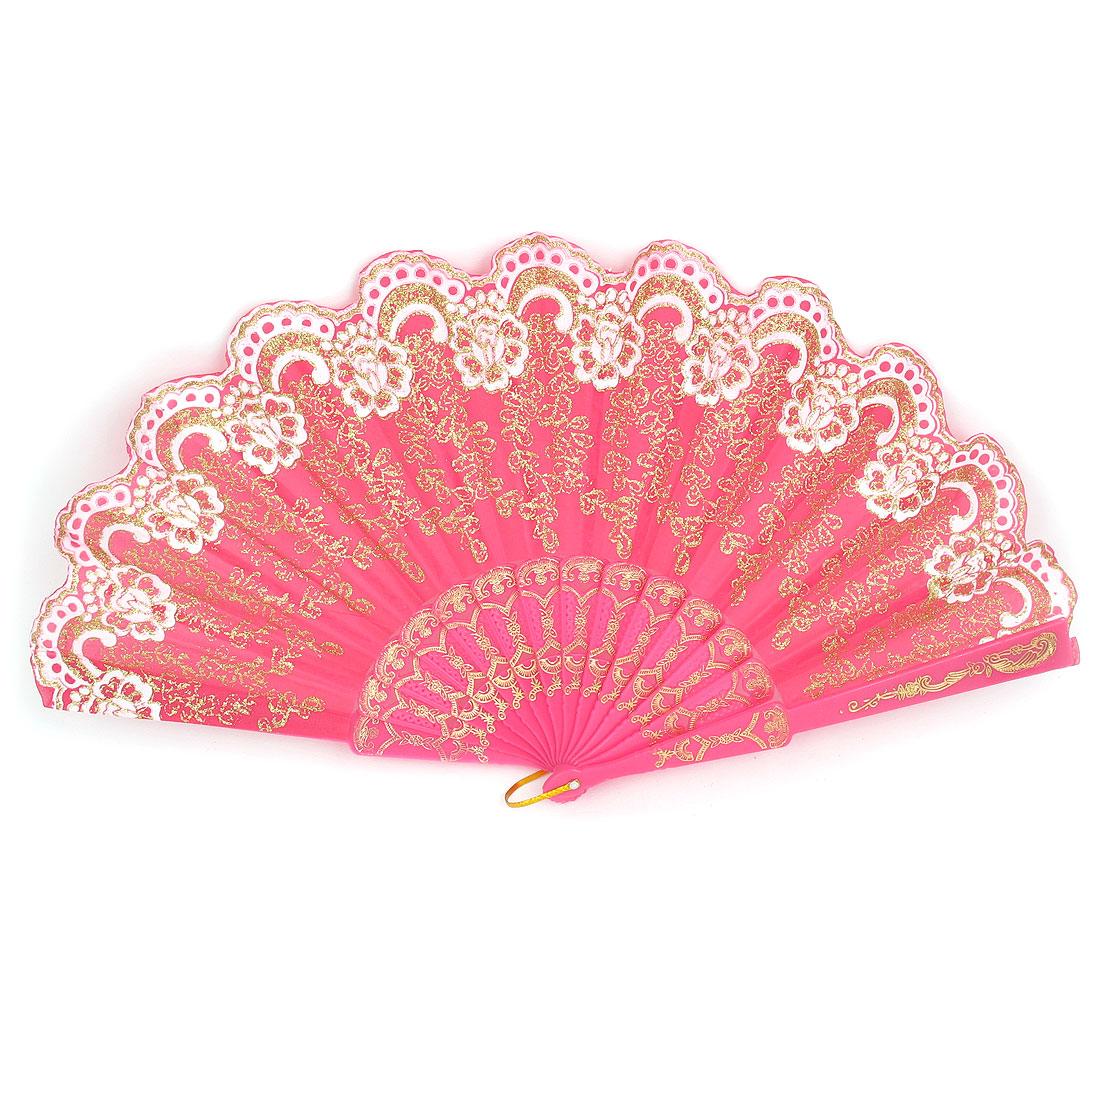 Wedding Party Gift Plastic Rib Glittery Powder Decor Flower Pattern Dancing Folding Hand Fan Fuchsia